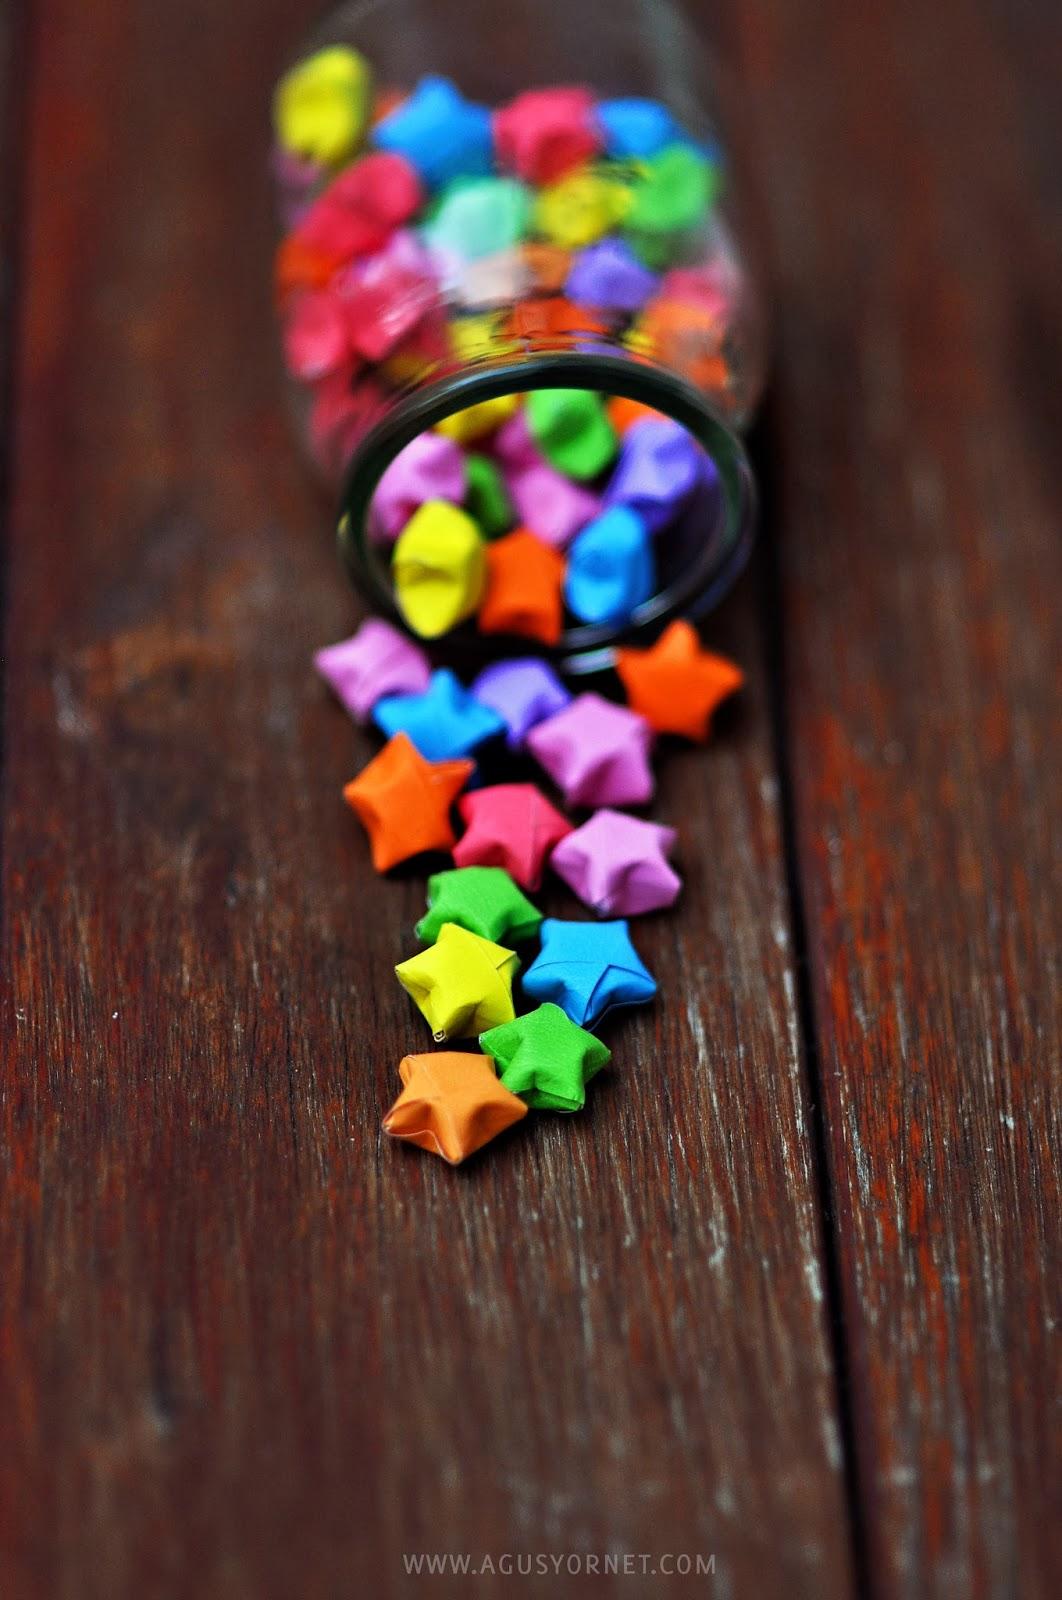 Rainbow Origami Stars from Agus Yornet